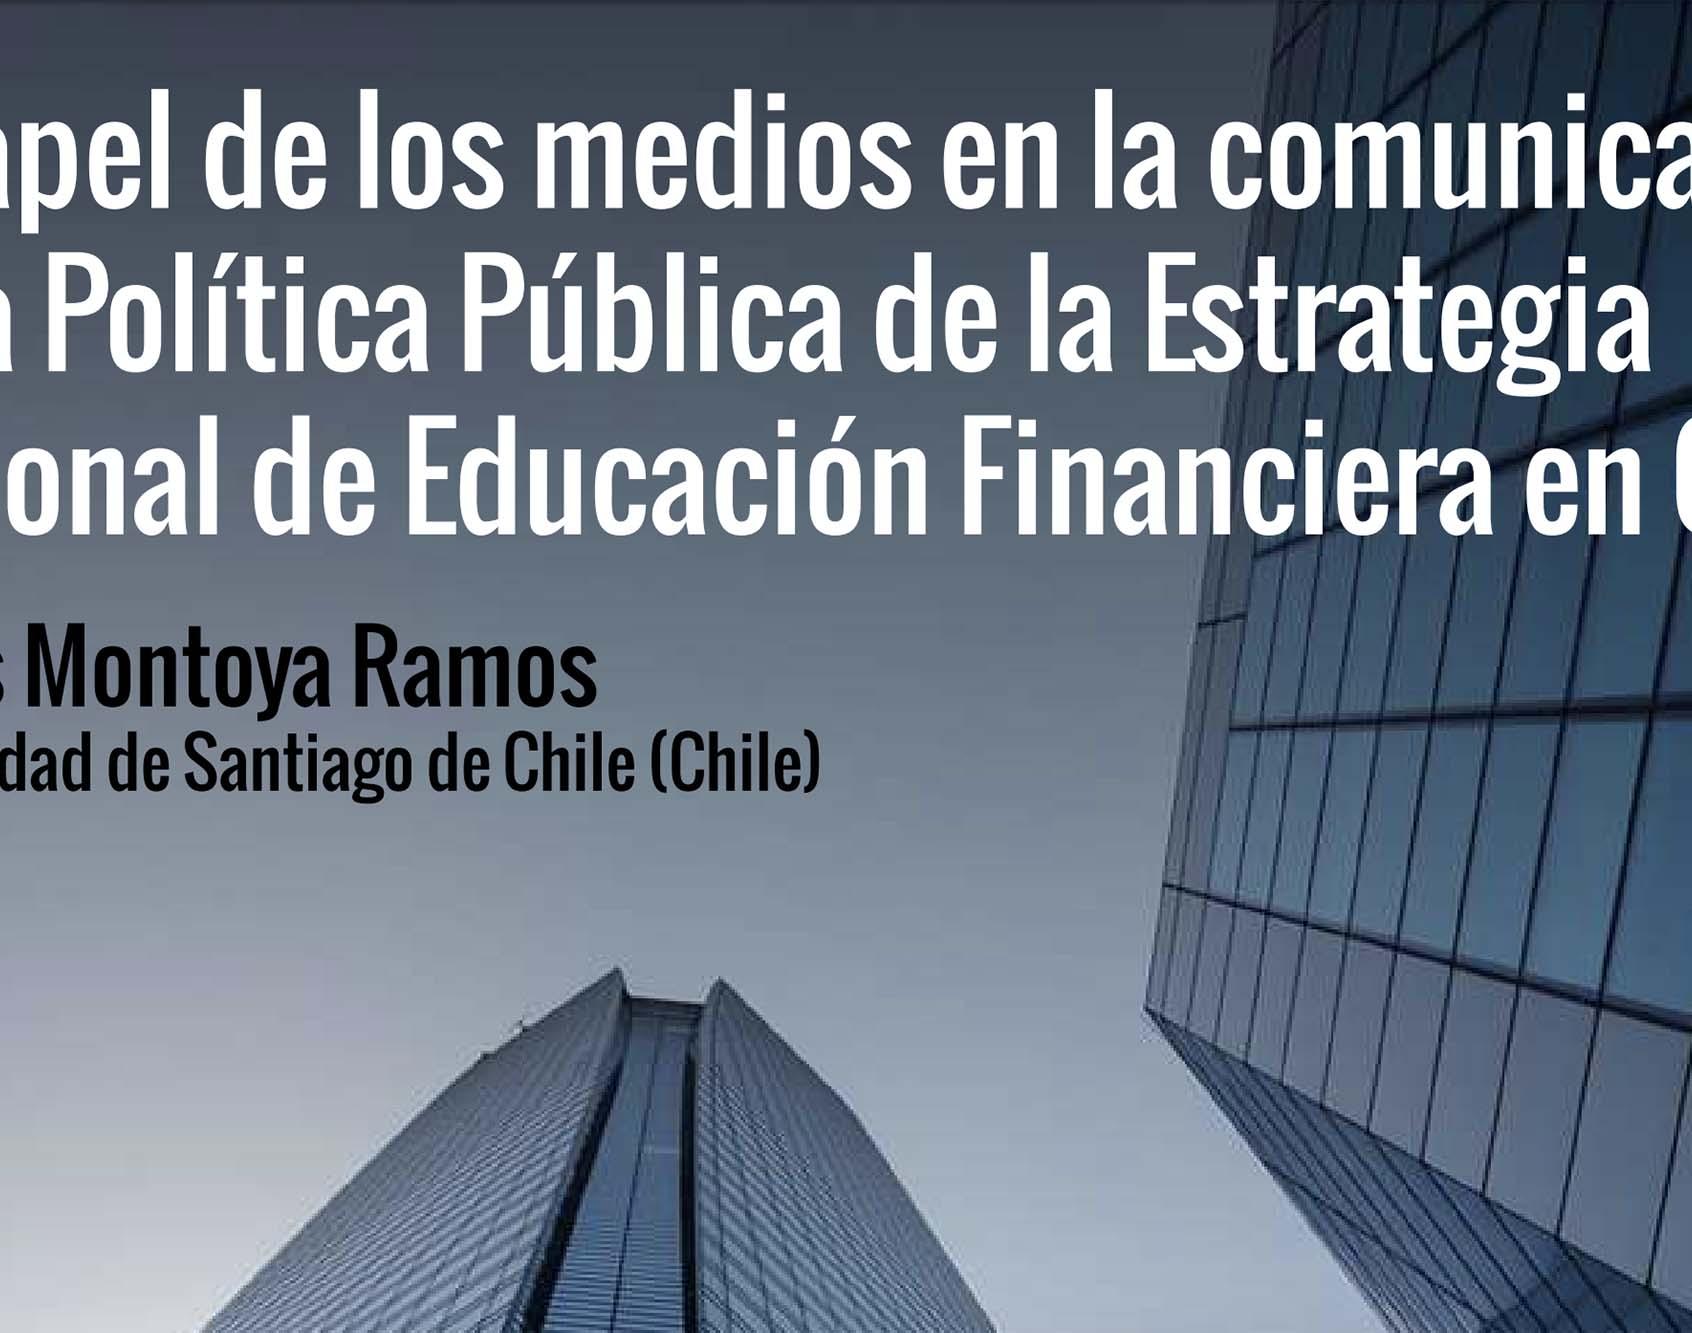 Educación Financiera, Medios de Comunicación y Política Pública en Chile